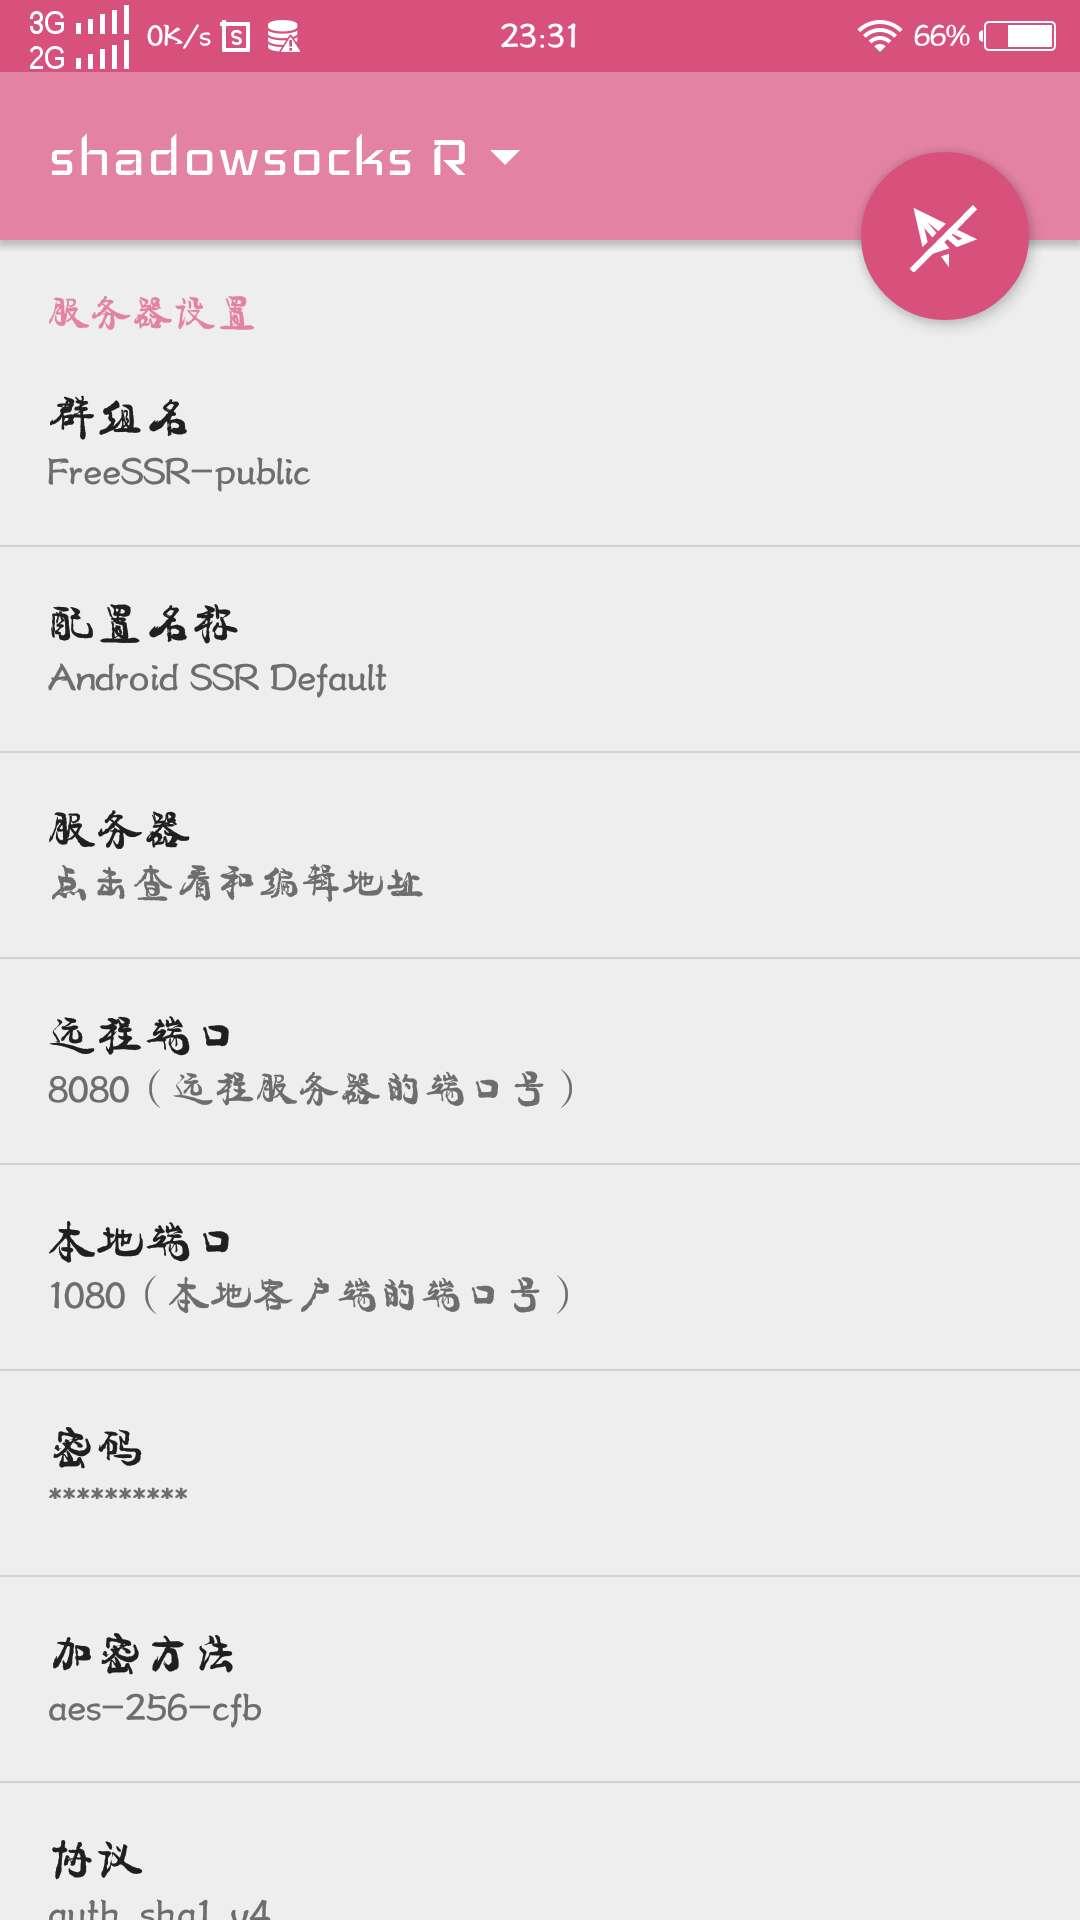 安卓SSR配置客户端图片